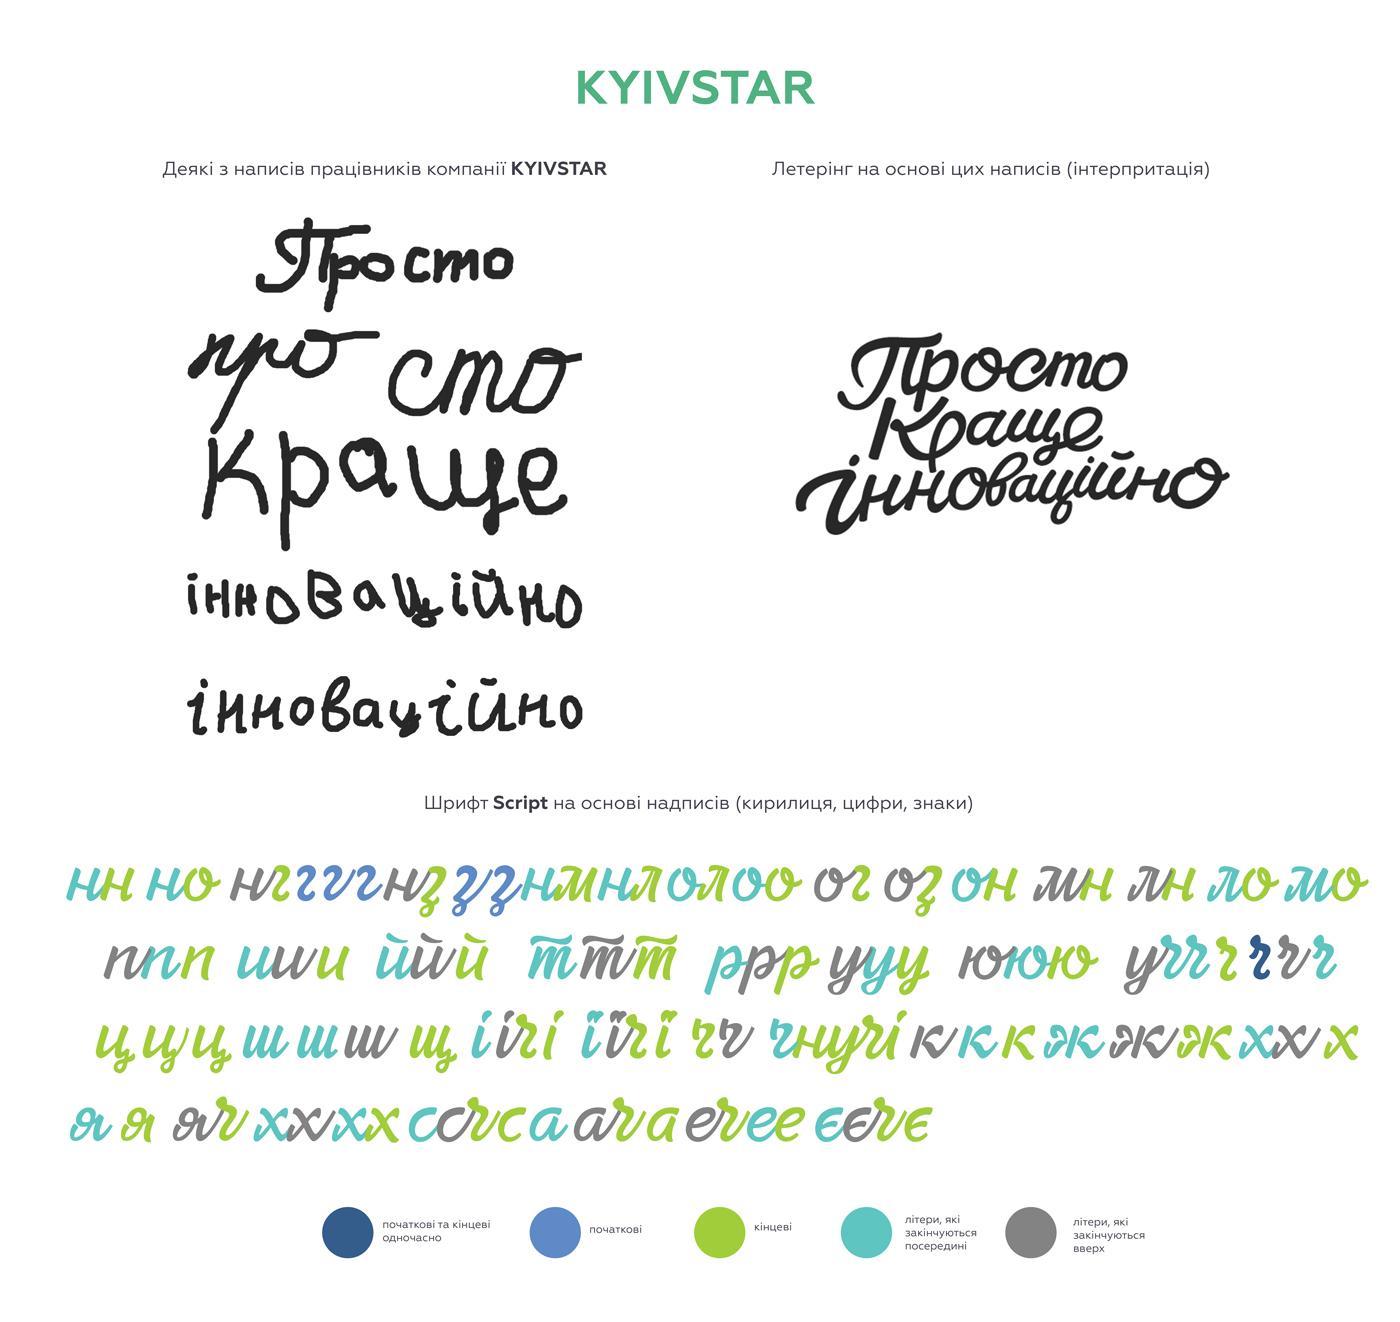 Kyivstar_idea_2